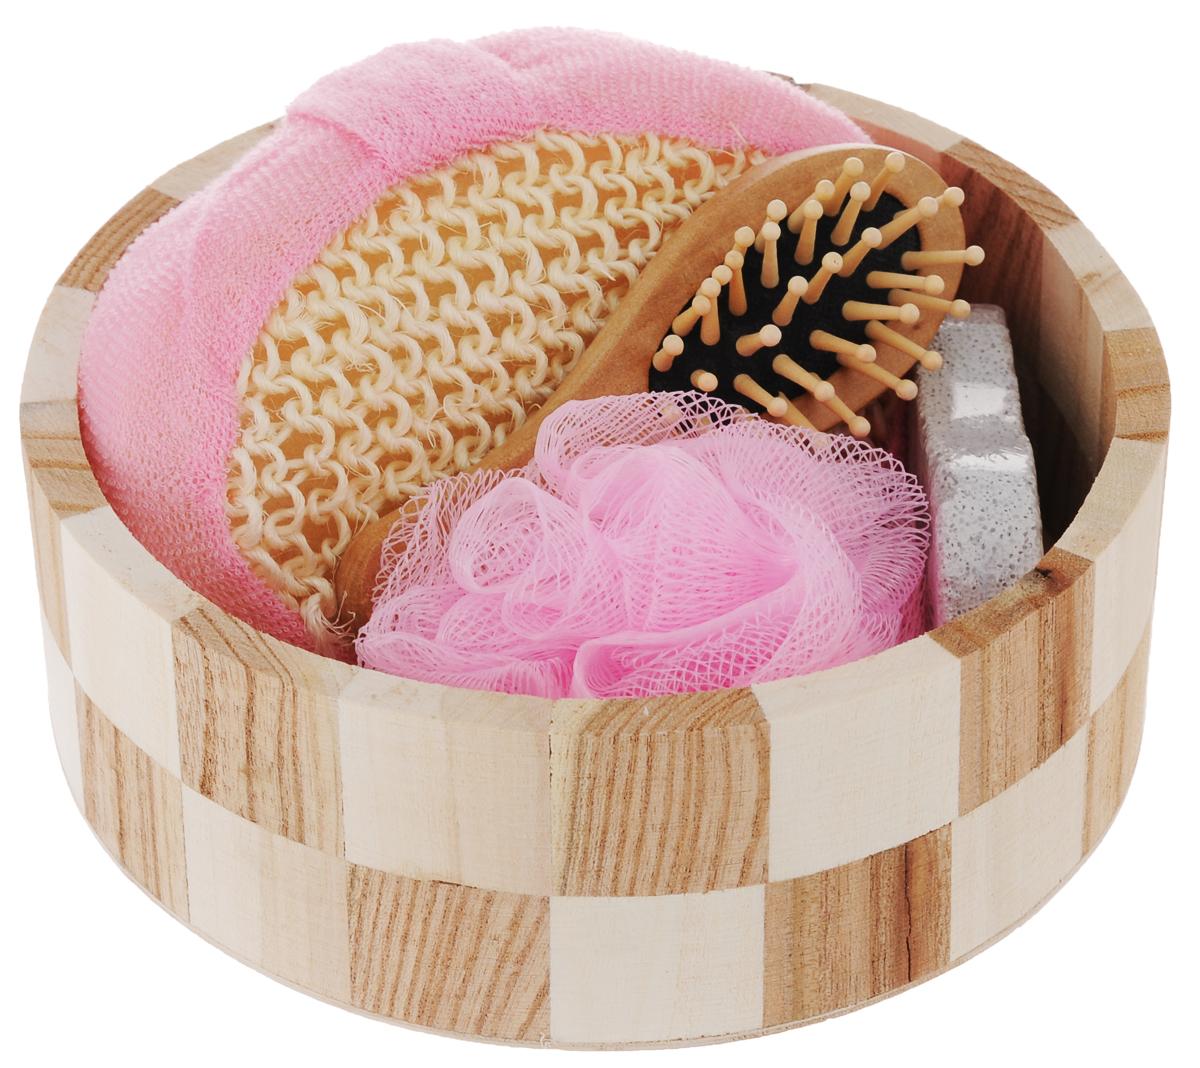 Набор для ванной и бани Феникс-Презент Розовое облако, 5 предметов40636Набор для ванной и бани Феникс-презент Розовое облако включает: - массажная щетка для волос из древесины павловнии, - мочалка для купания из сизаля, - мочалка для купания из полиэтилена, - пемза для ухода за кожей, - лохань из древесины тополя. Такой мини-набор станет не заменимым и сделает банную процедуру еще более комфортной и расслабляющей. Размер мочалки из сизаля: 14 х 10,3 х 5,3 см. Диаметр мочалки из полиэтилена: 9,5 см. Размер щетки для волос: 12 х 4 х 2,2 см. Диаметр лохани: 17,5 см. Высота лохани: 6 см. Размер пемзы: 9,5 х 4,2 х 1,5 см.